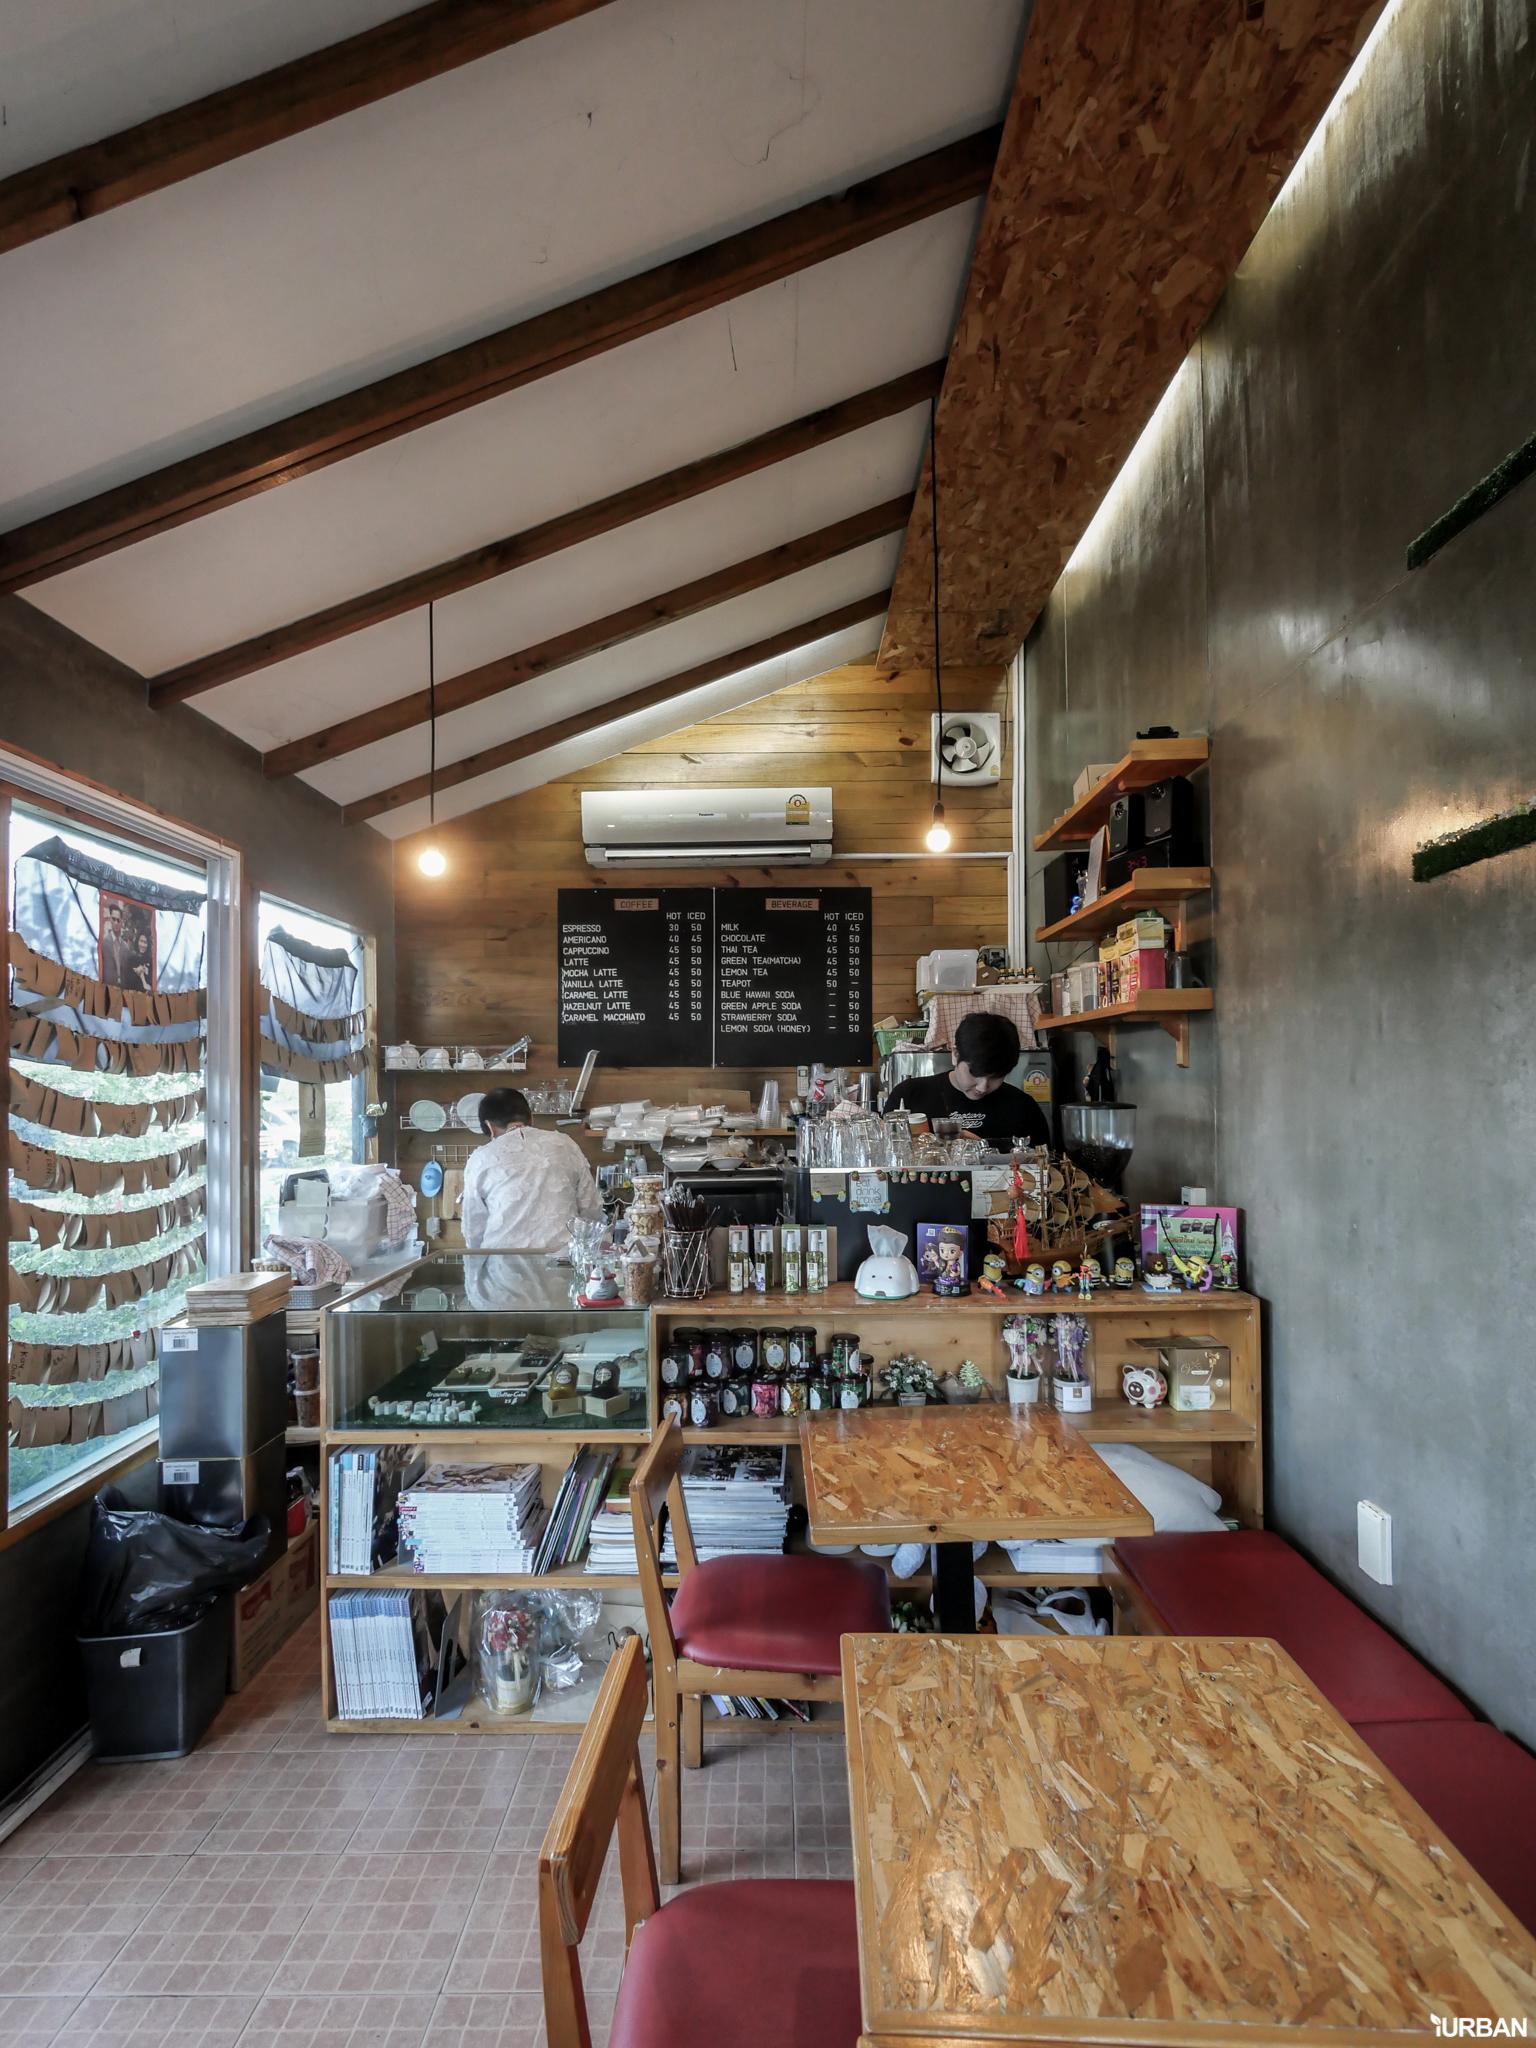 14 ร้านกาแฟ ม.เกษตร คาเฟ่สไตล์นักศึกษาและคนทำงาน + สำรวจ Co-Working Space ที่ KENSINGTON KASET CAMPUS (เคนซิงตัน เกษตร แคมปัส) 84 - cafe